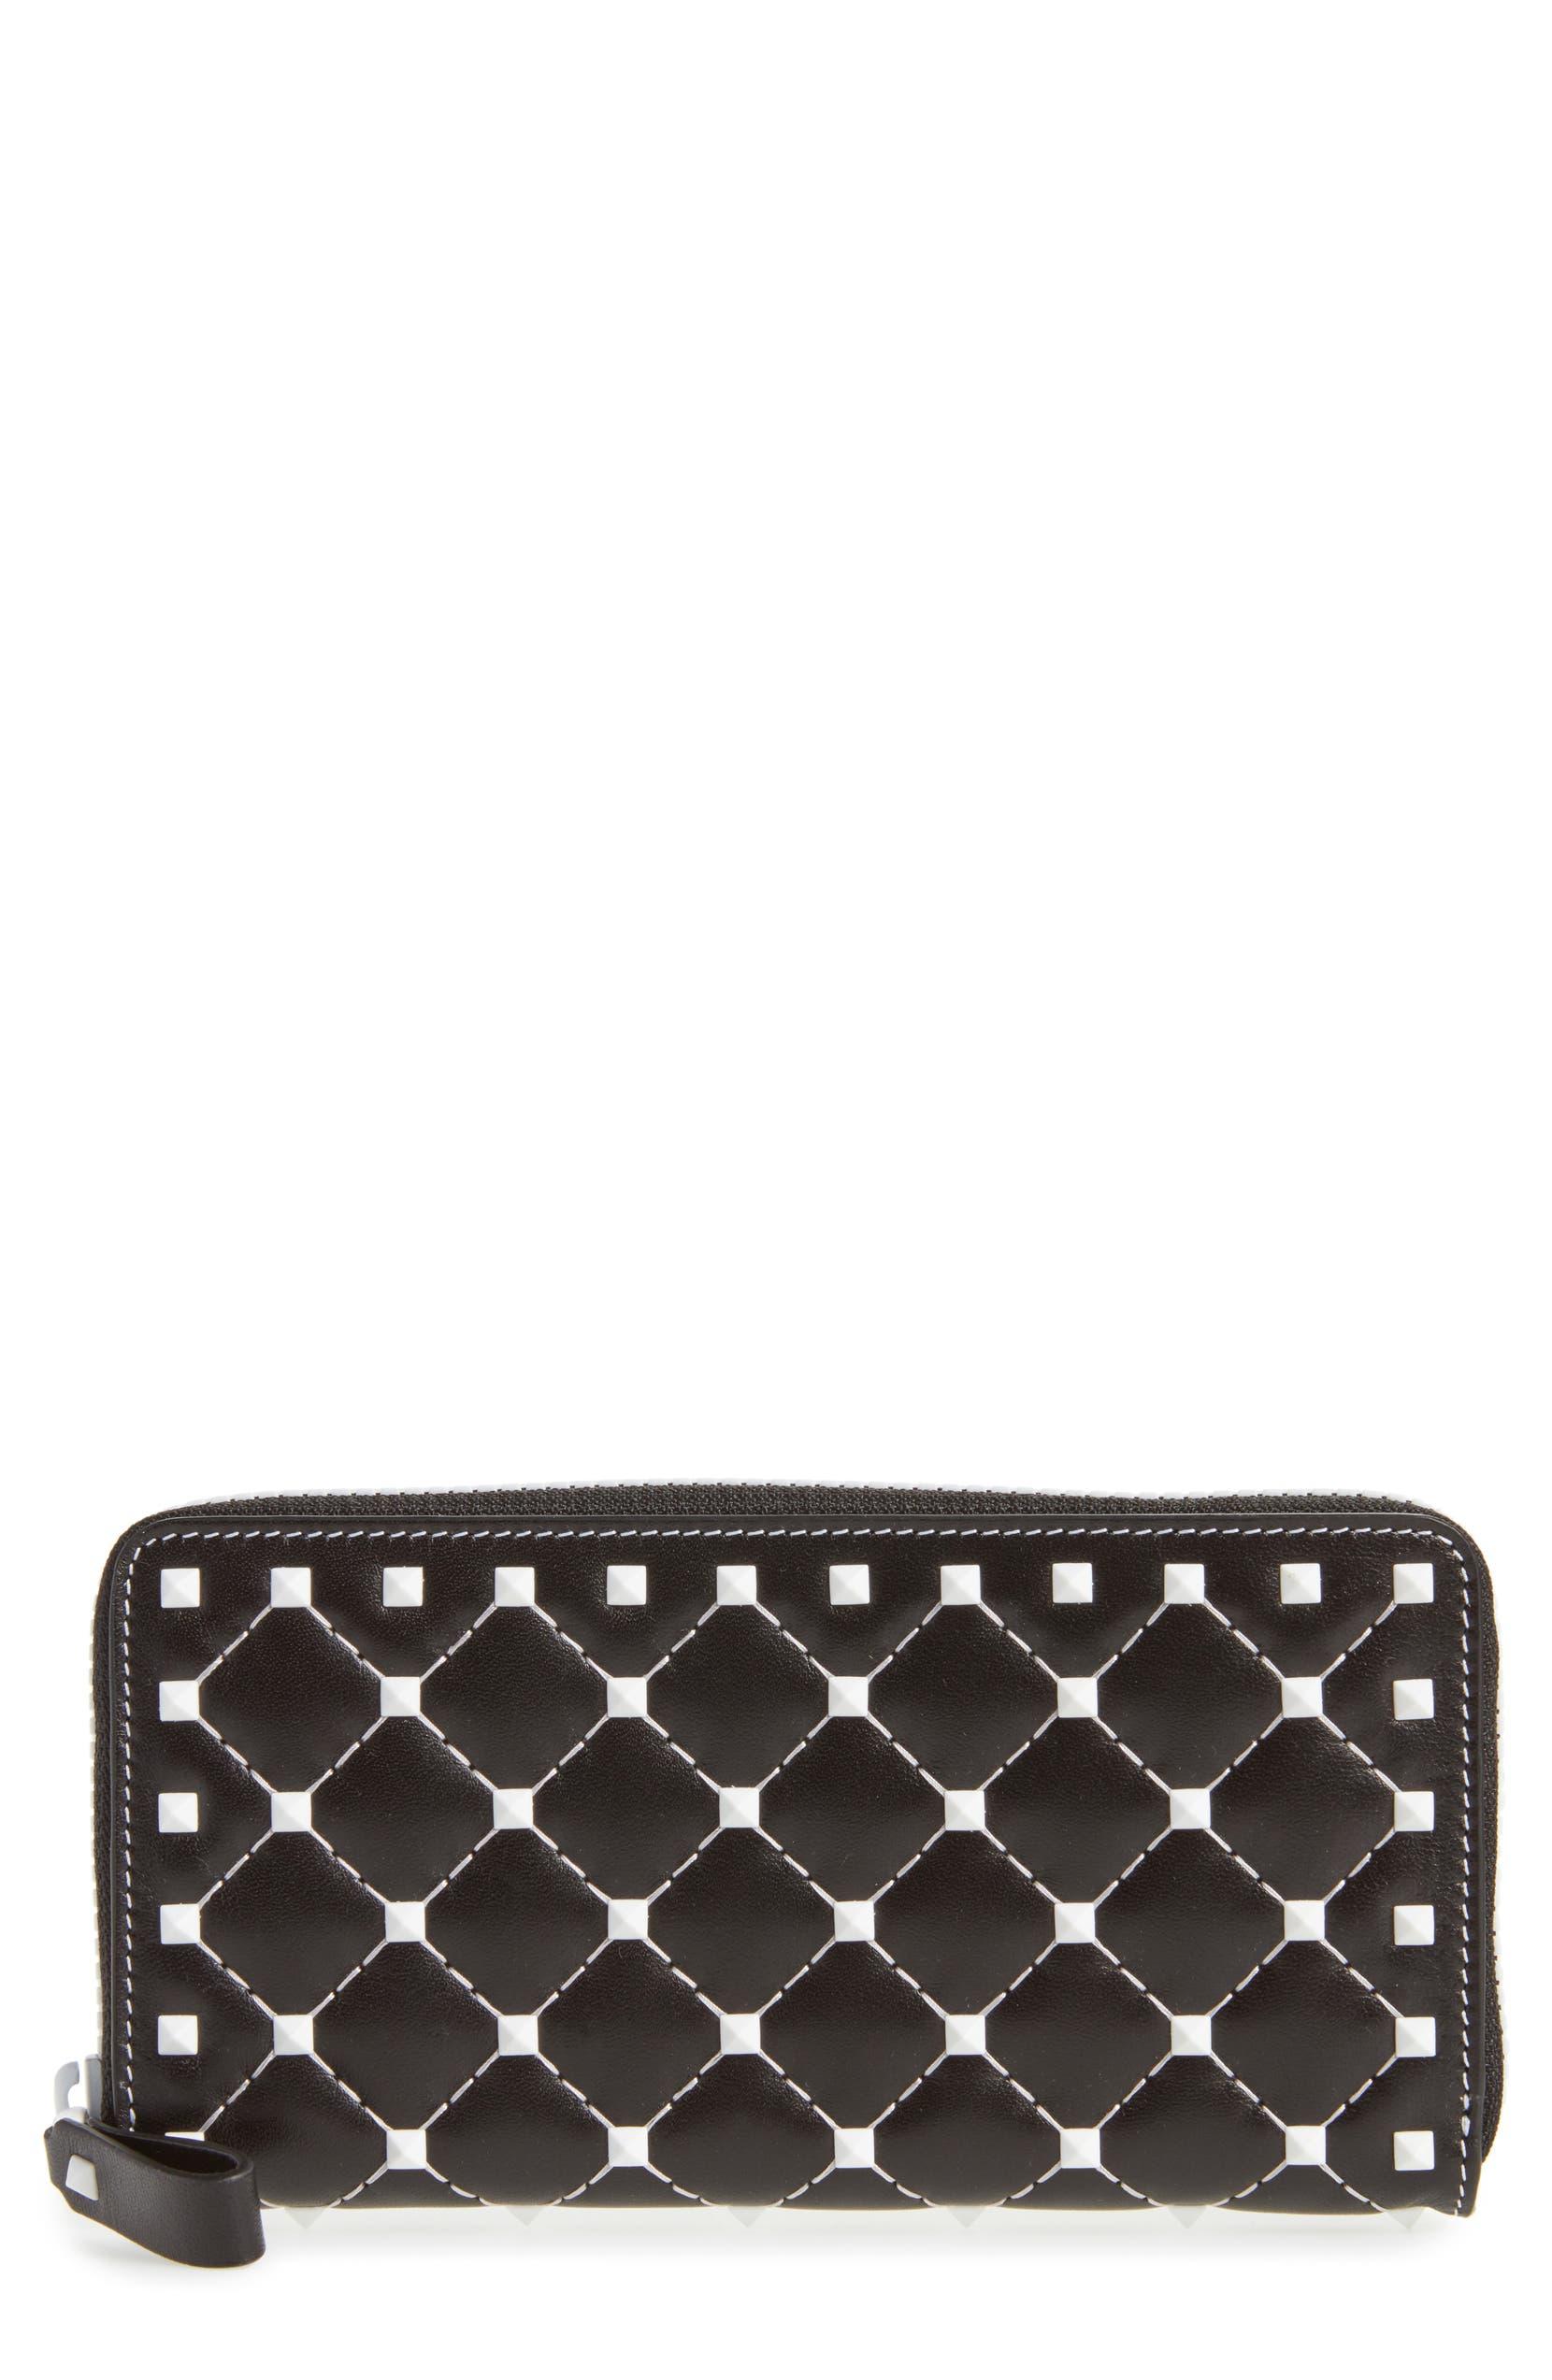 VALENTINO GARAVANI Rockstud Spike Zip Around Leather Wallet  7a8a6451195b4